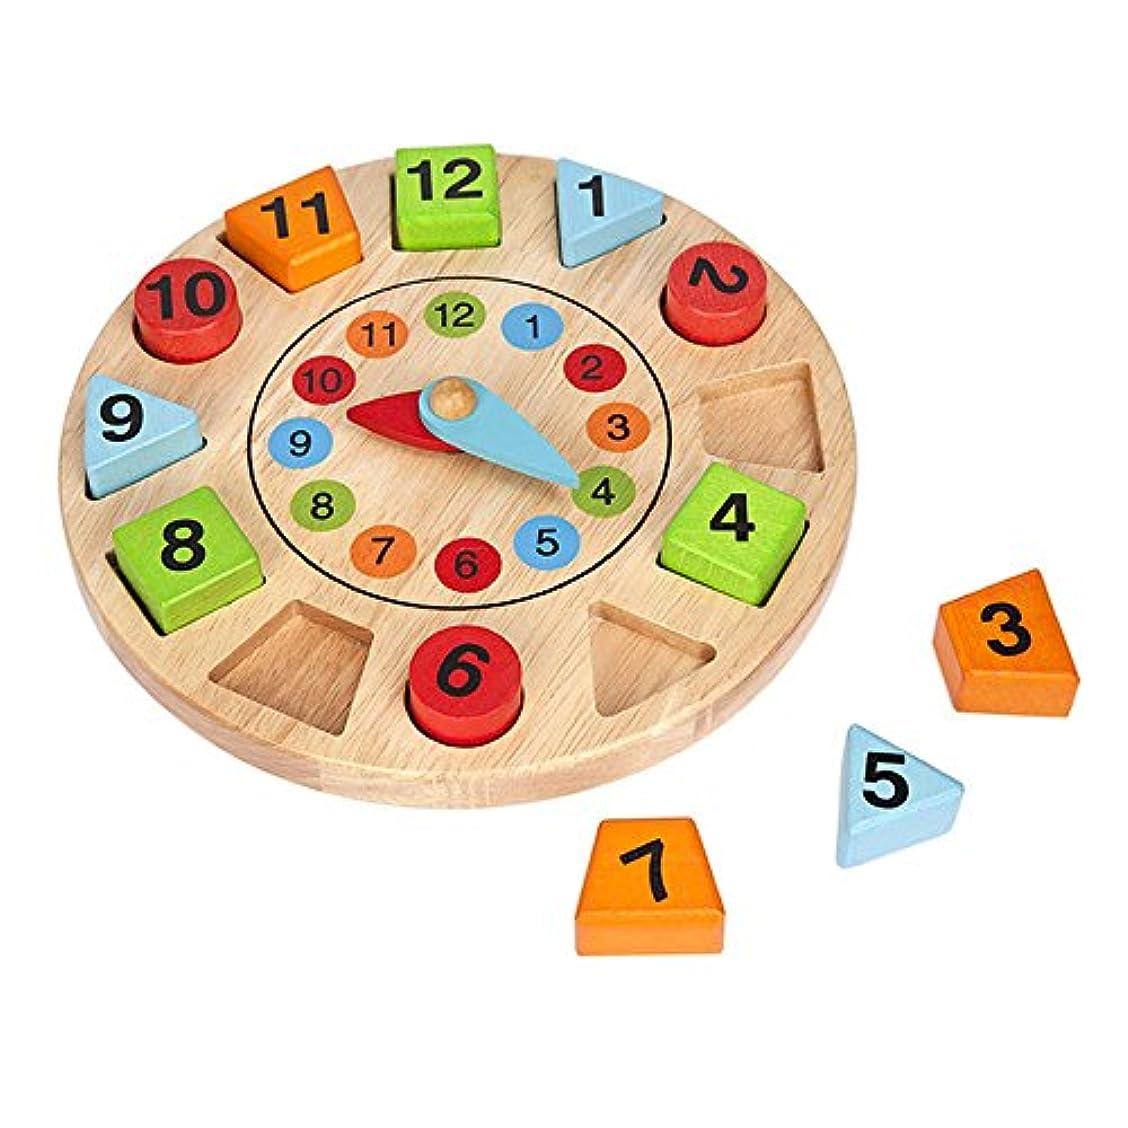 地理洗剤労働Smatter木製Shape Sorting Clockの学習パズル教育玩具3 yeAT古い幼児用